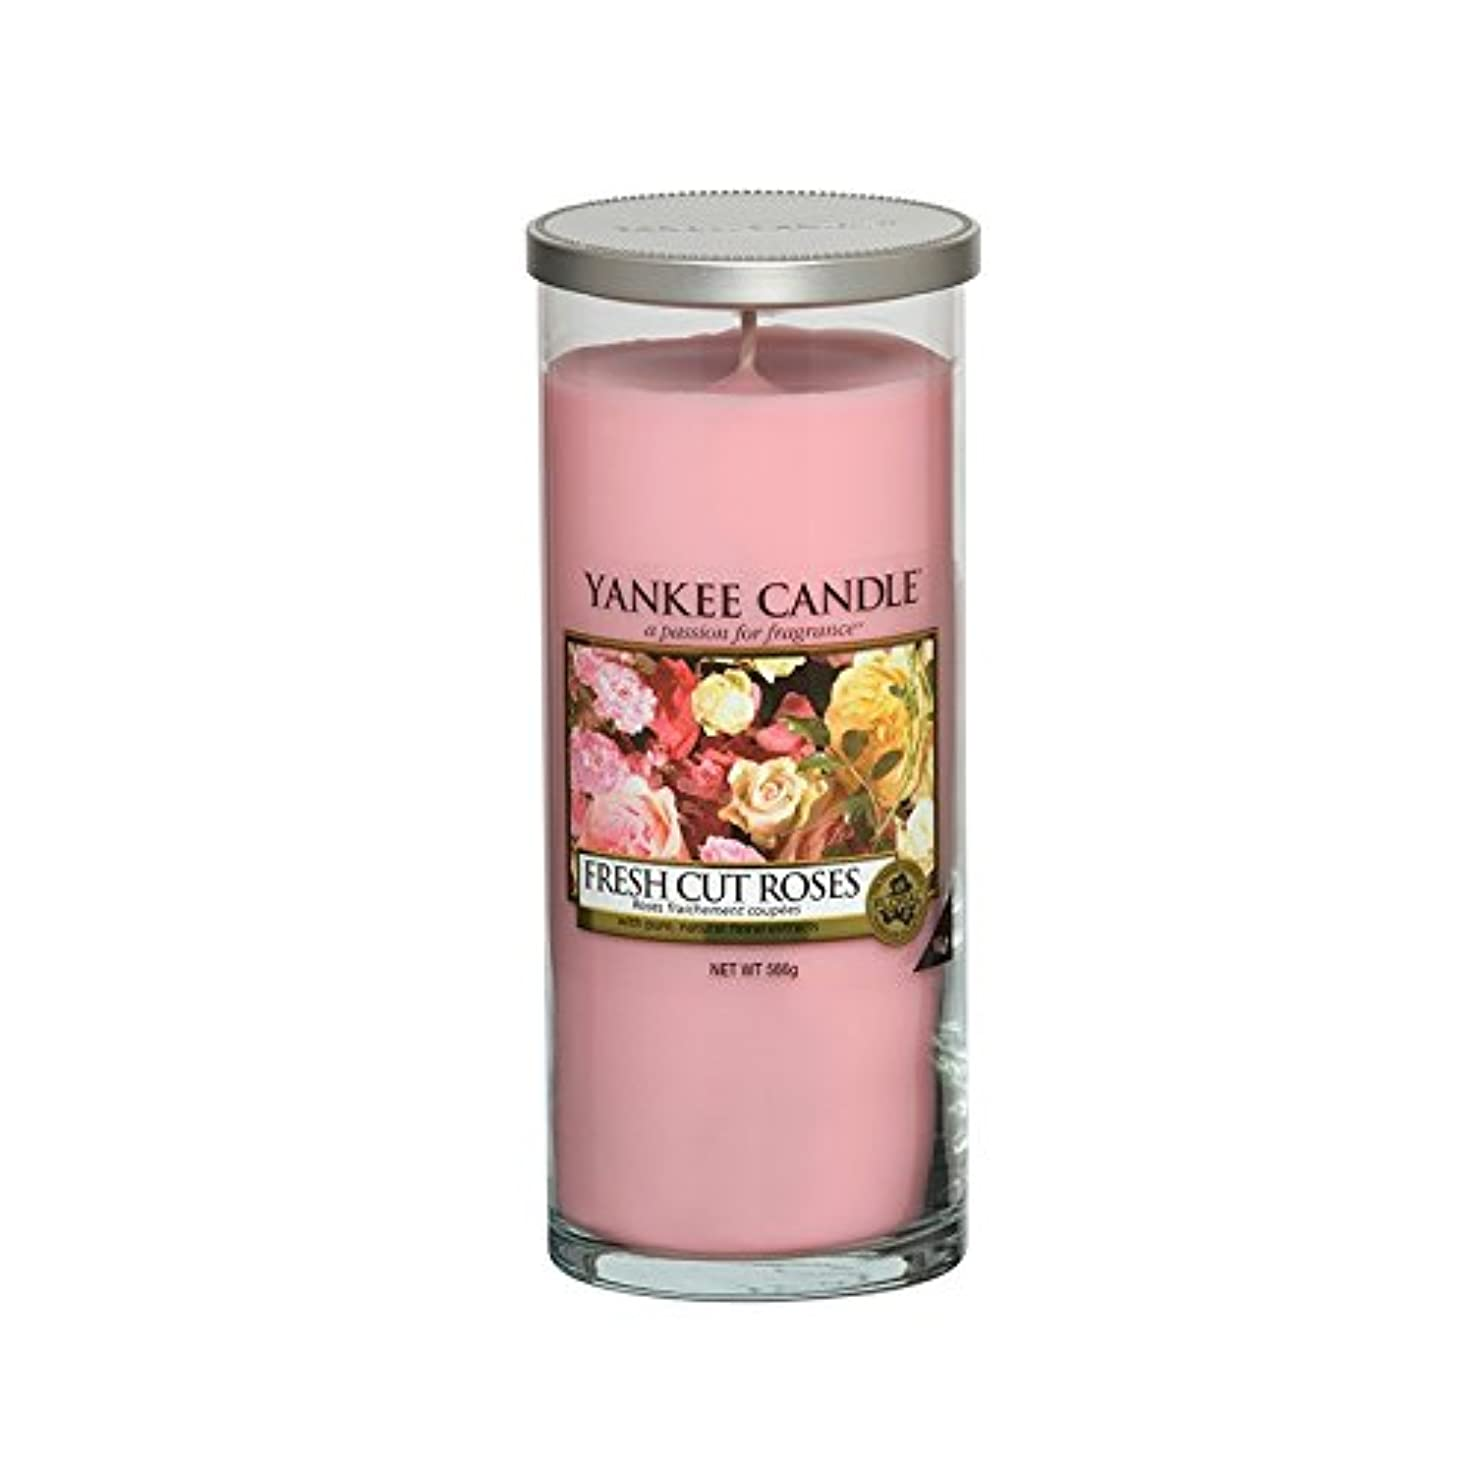 居住者実験室伝導率Yankee Candles Large Pillar Candle - Fresh Cut Roses (Pack of 6) - ヤンキーキャンドル大きな柱キャンドル - 新鮮なバラ切り花 (x6) [並行輸入品]